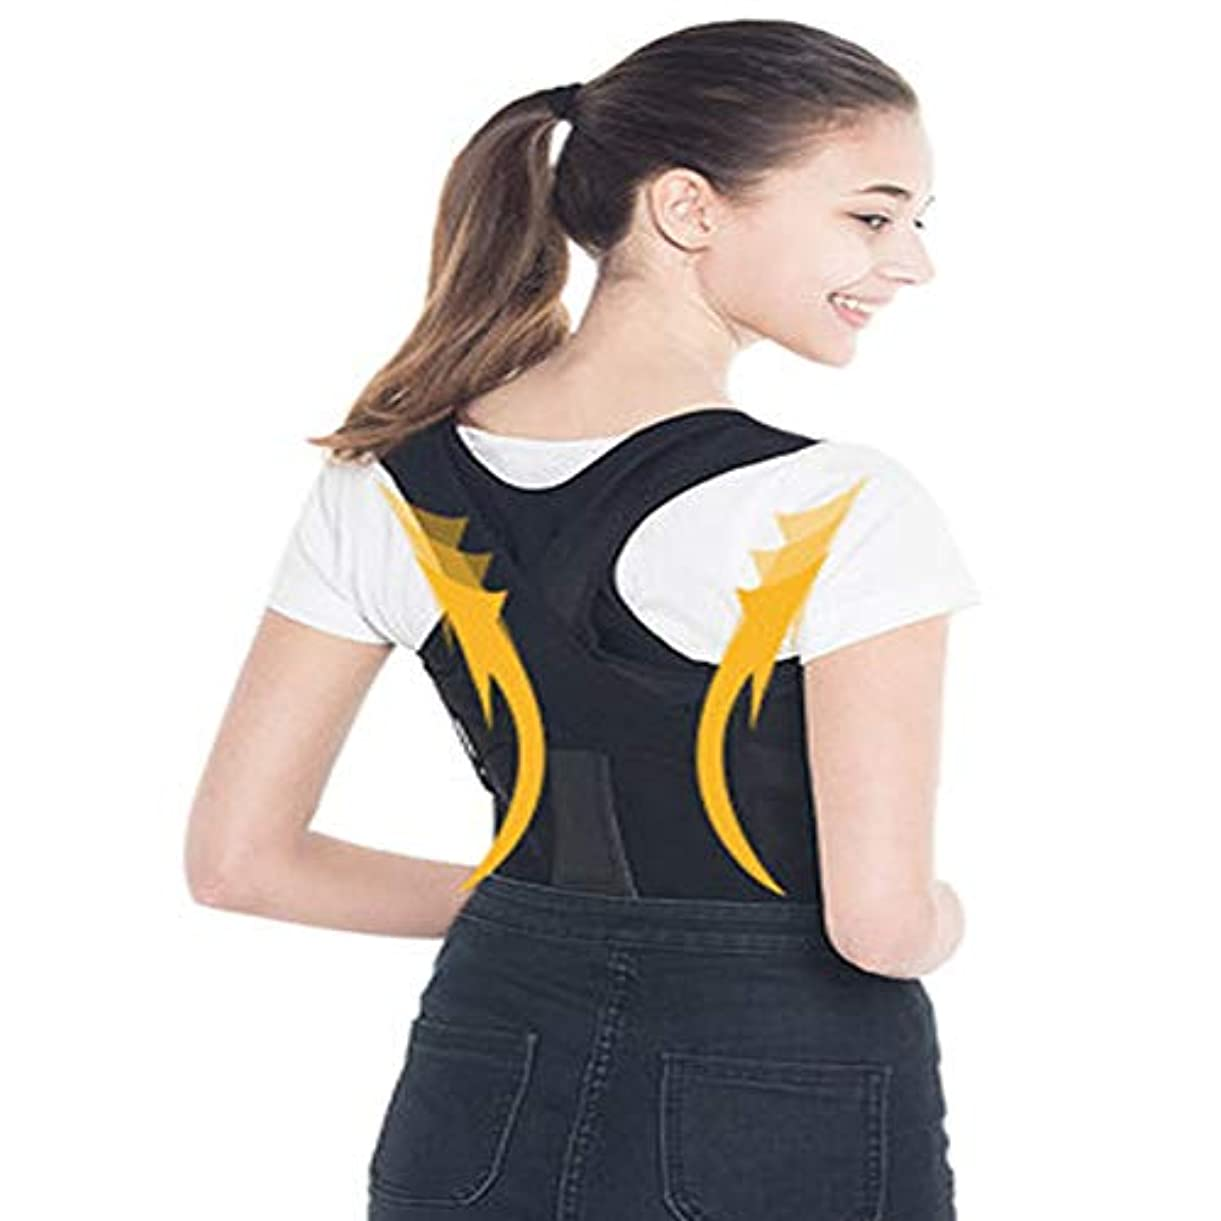 りフェンス胚Rui Peng バックコレクションテープ 背中のサポートベルトバックの女の子新しいE学生子供大人改善脊柱矯正と男性の脊椎変形背部の矯正 (サイズ さいず : XXL)